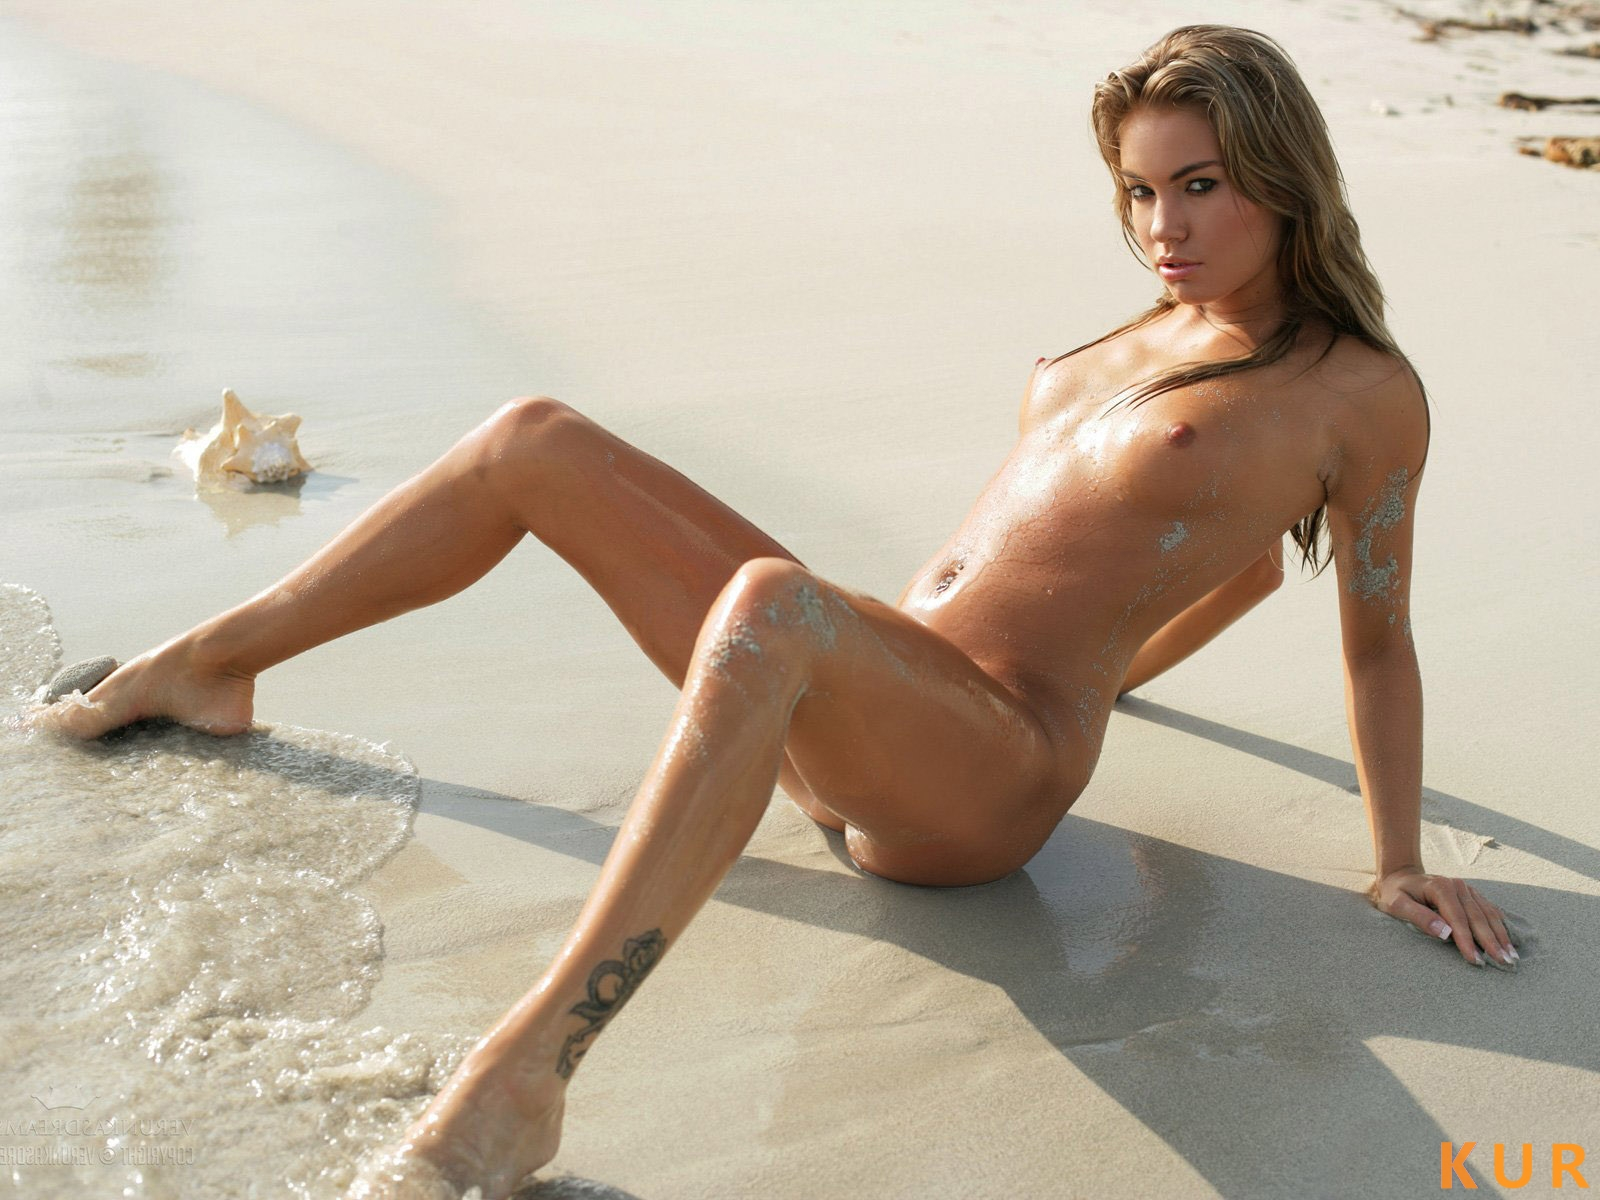 Poza Erotica #2853 - Dimensiune completa